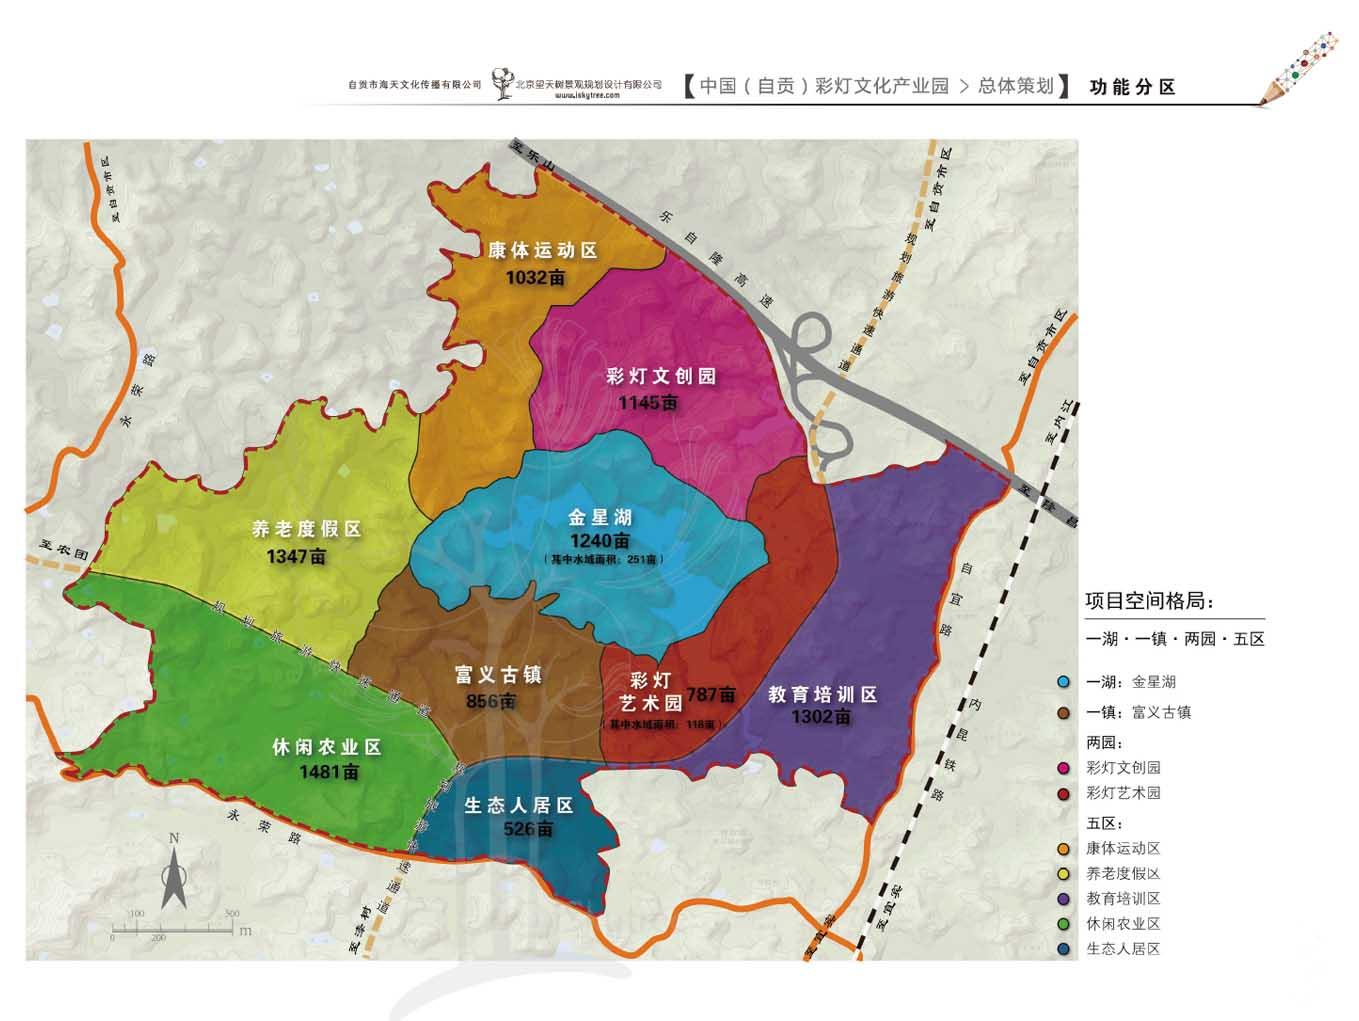 自贡彩灯文化产业园项目功能分区